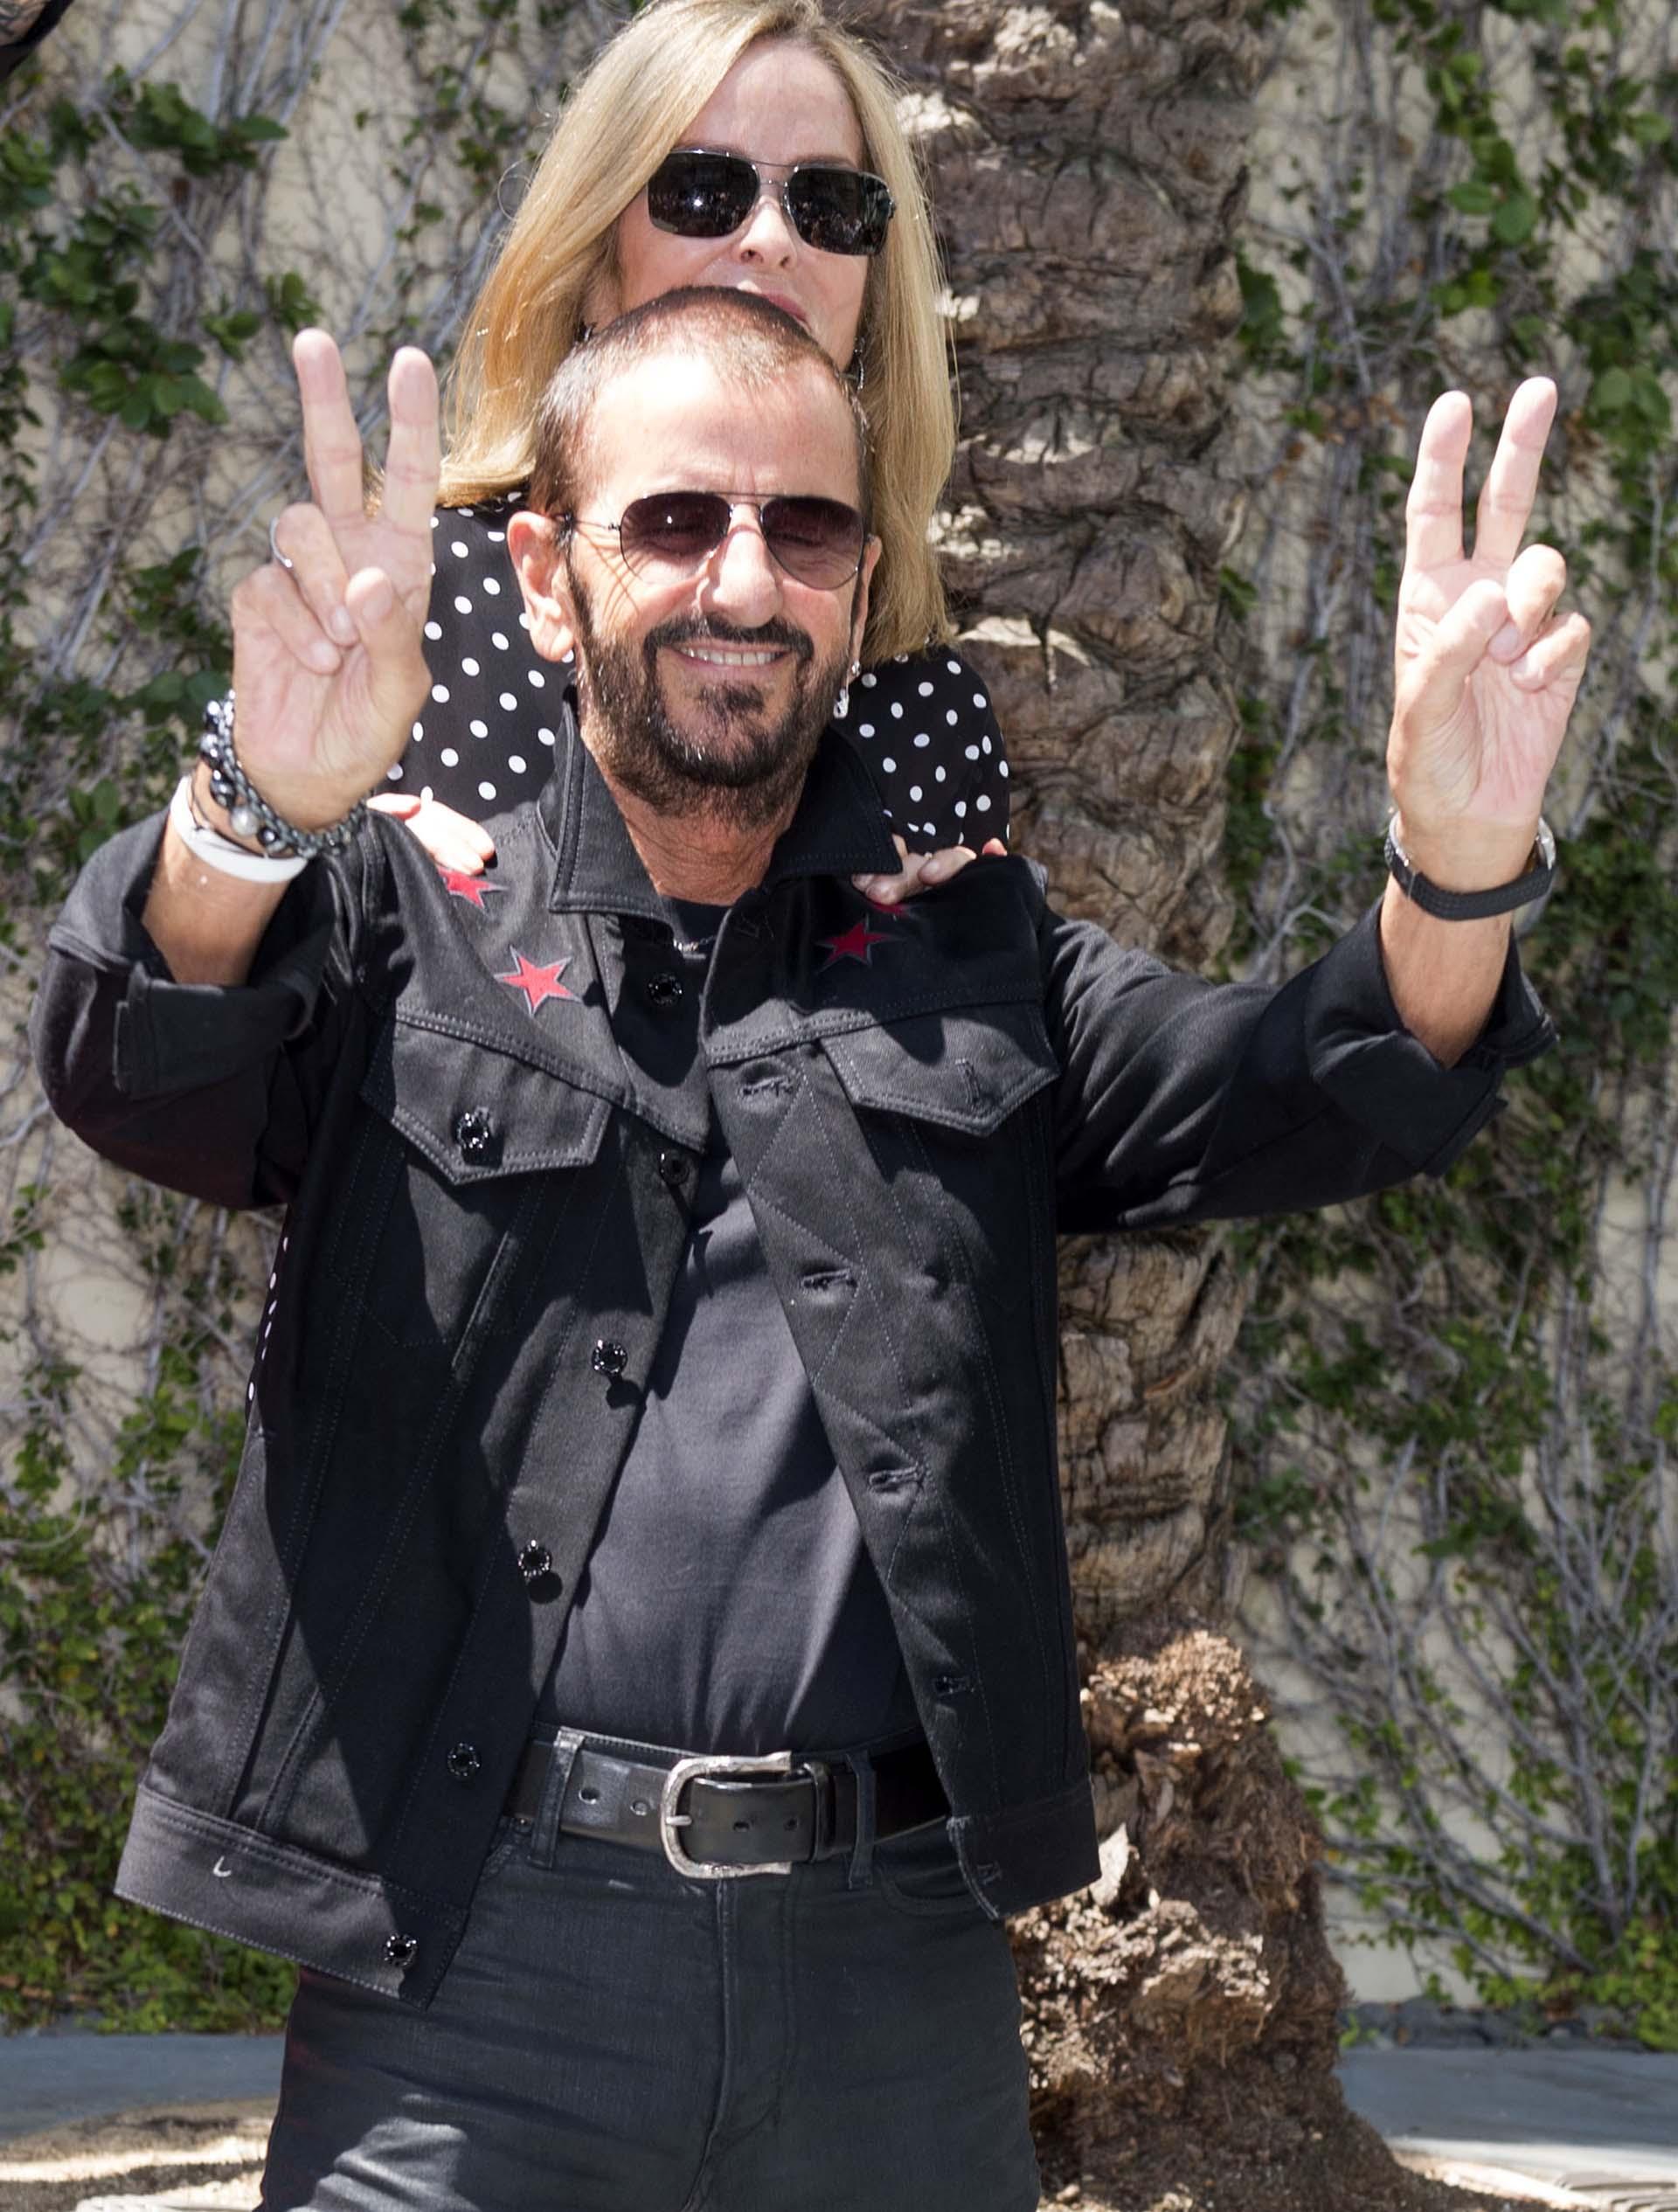 """El 15 de septiembre saldrá su décimo noveno disco, titulado """"Give More Love"""", que incluye diez temas nuevos grabados en el estudio de su casa en Los Ángeles y donde participaron artistas como Paul McCartney, Joe Walsh o Steve Lukather"""